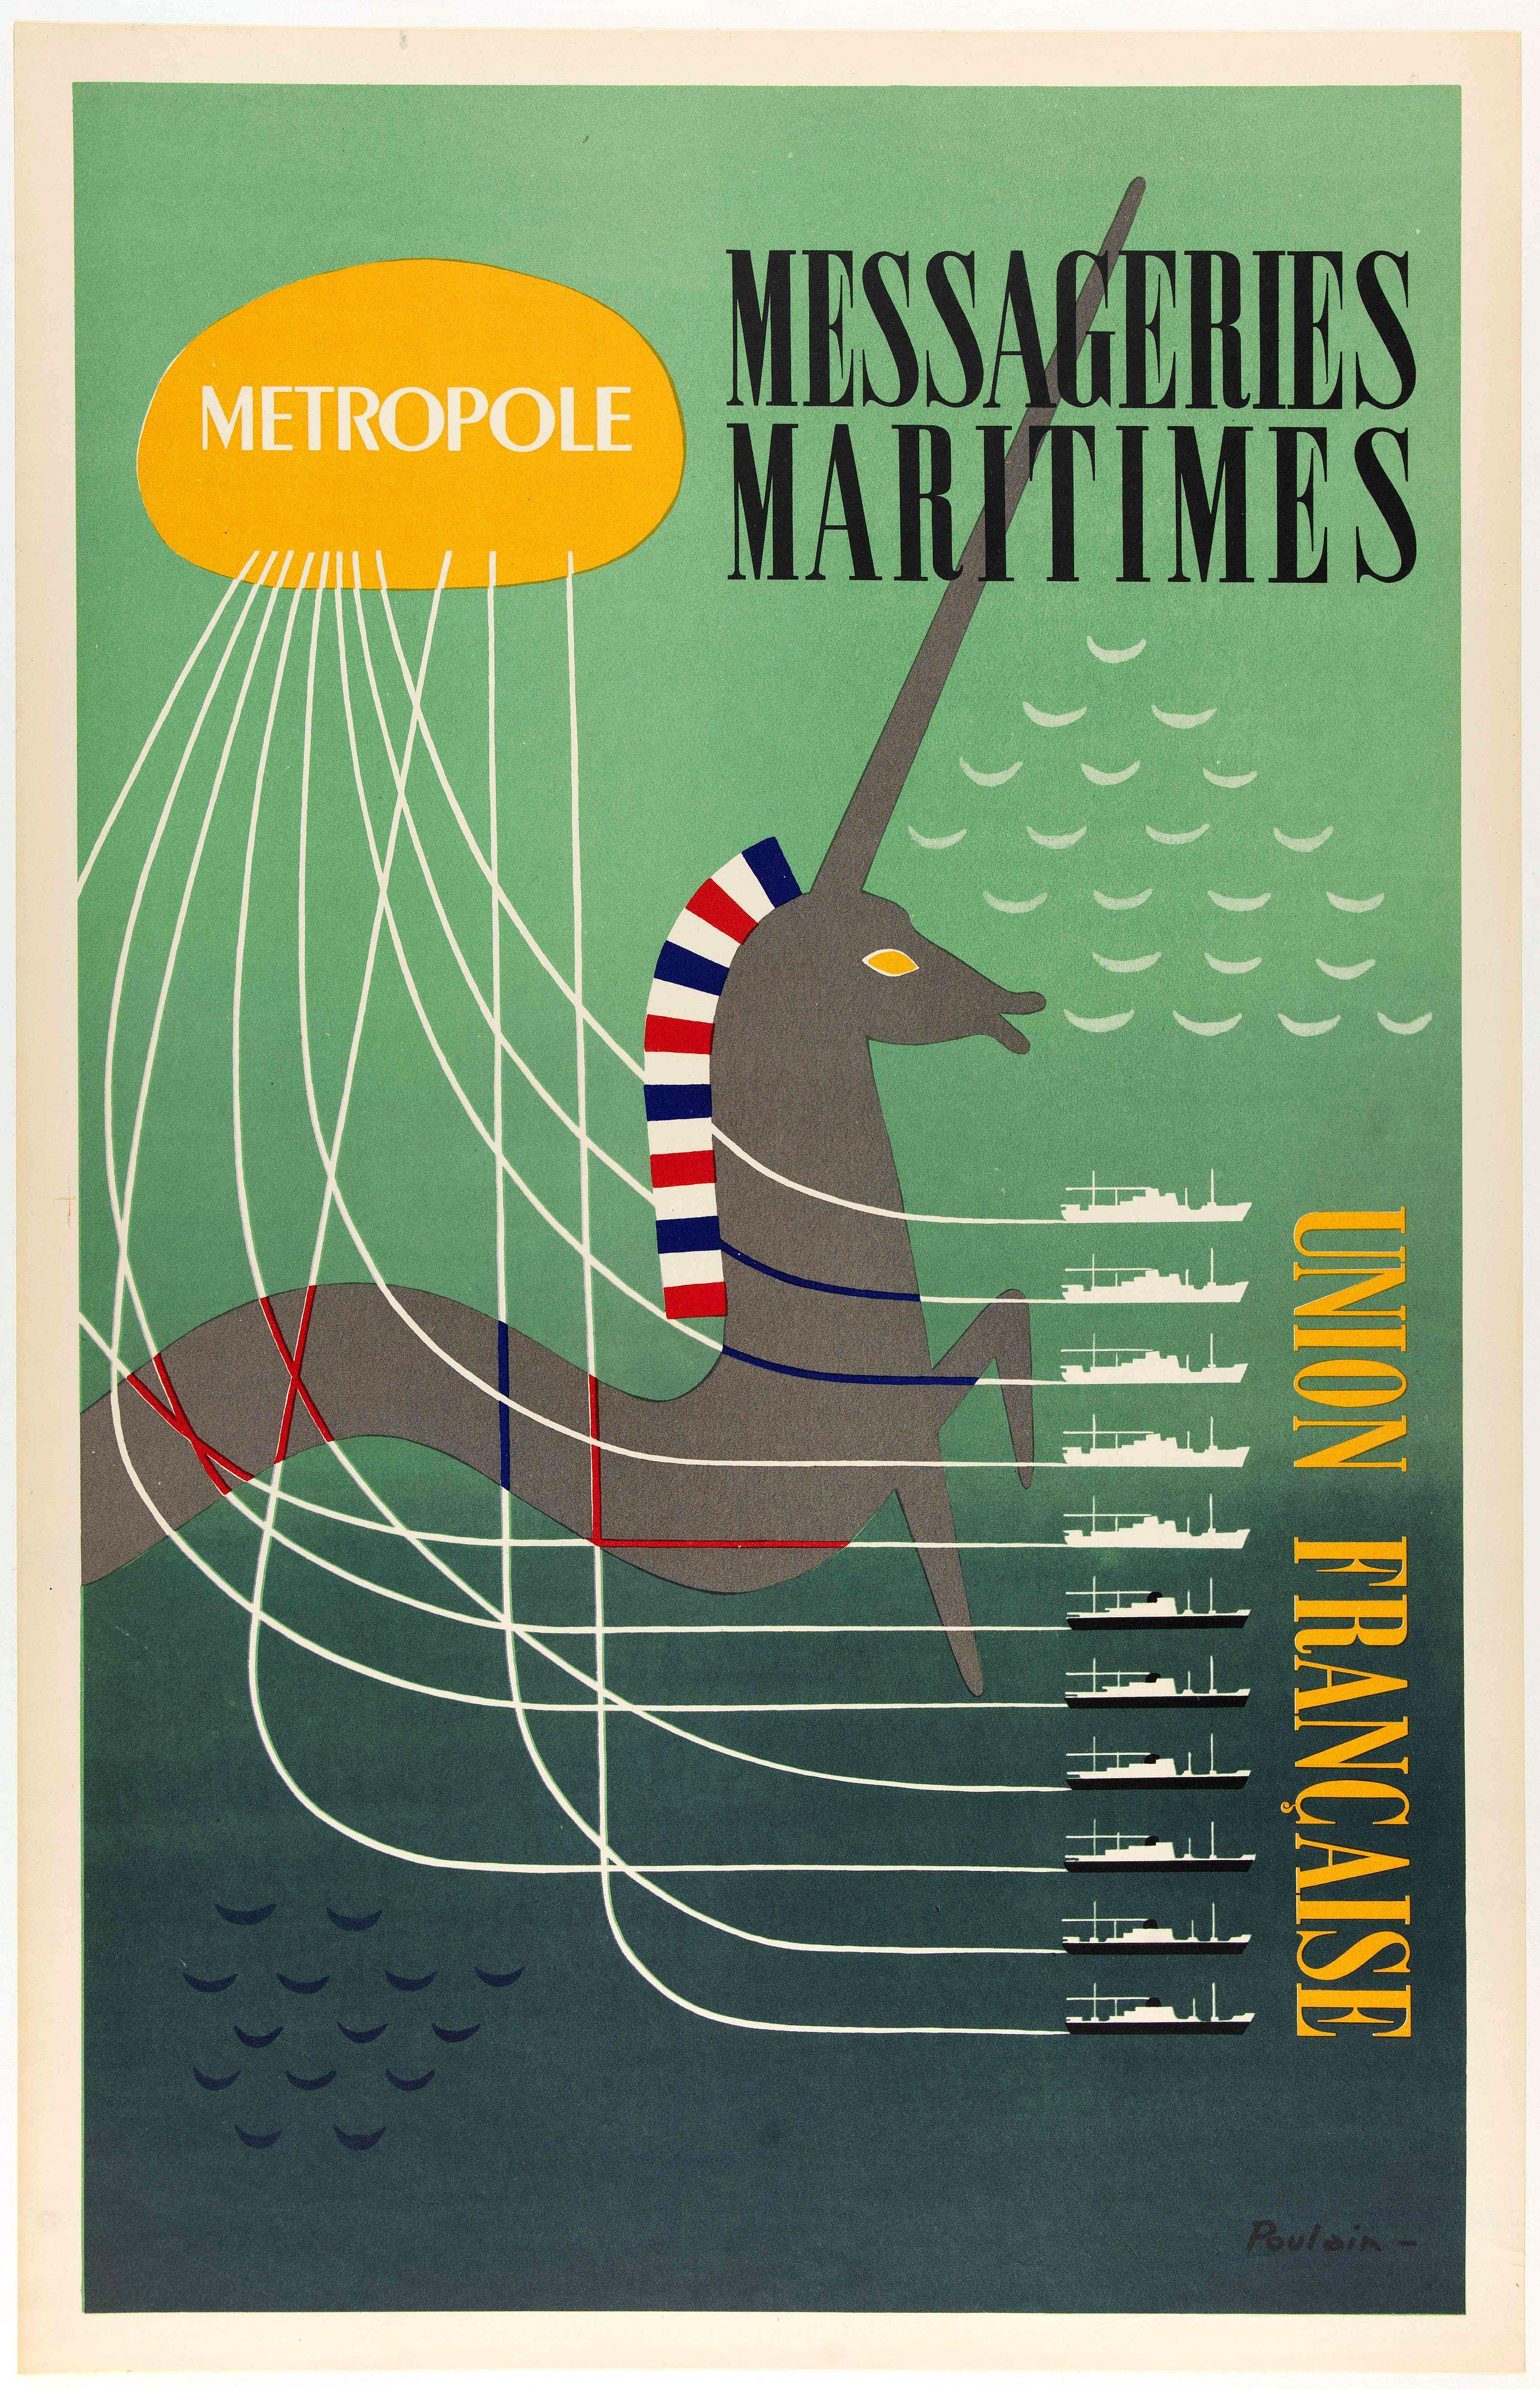 IMP FRANCAISES REUNIES -  Metropole, Messageries Maritimes Union Française.